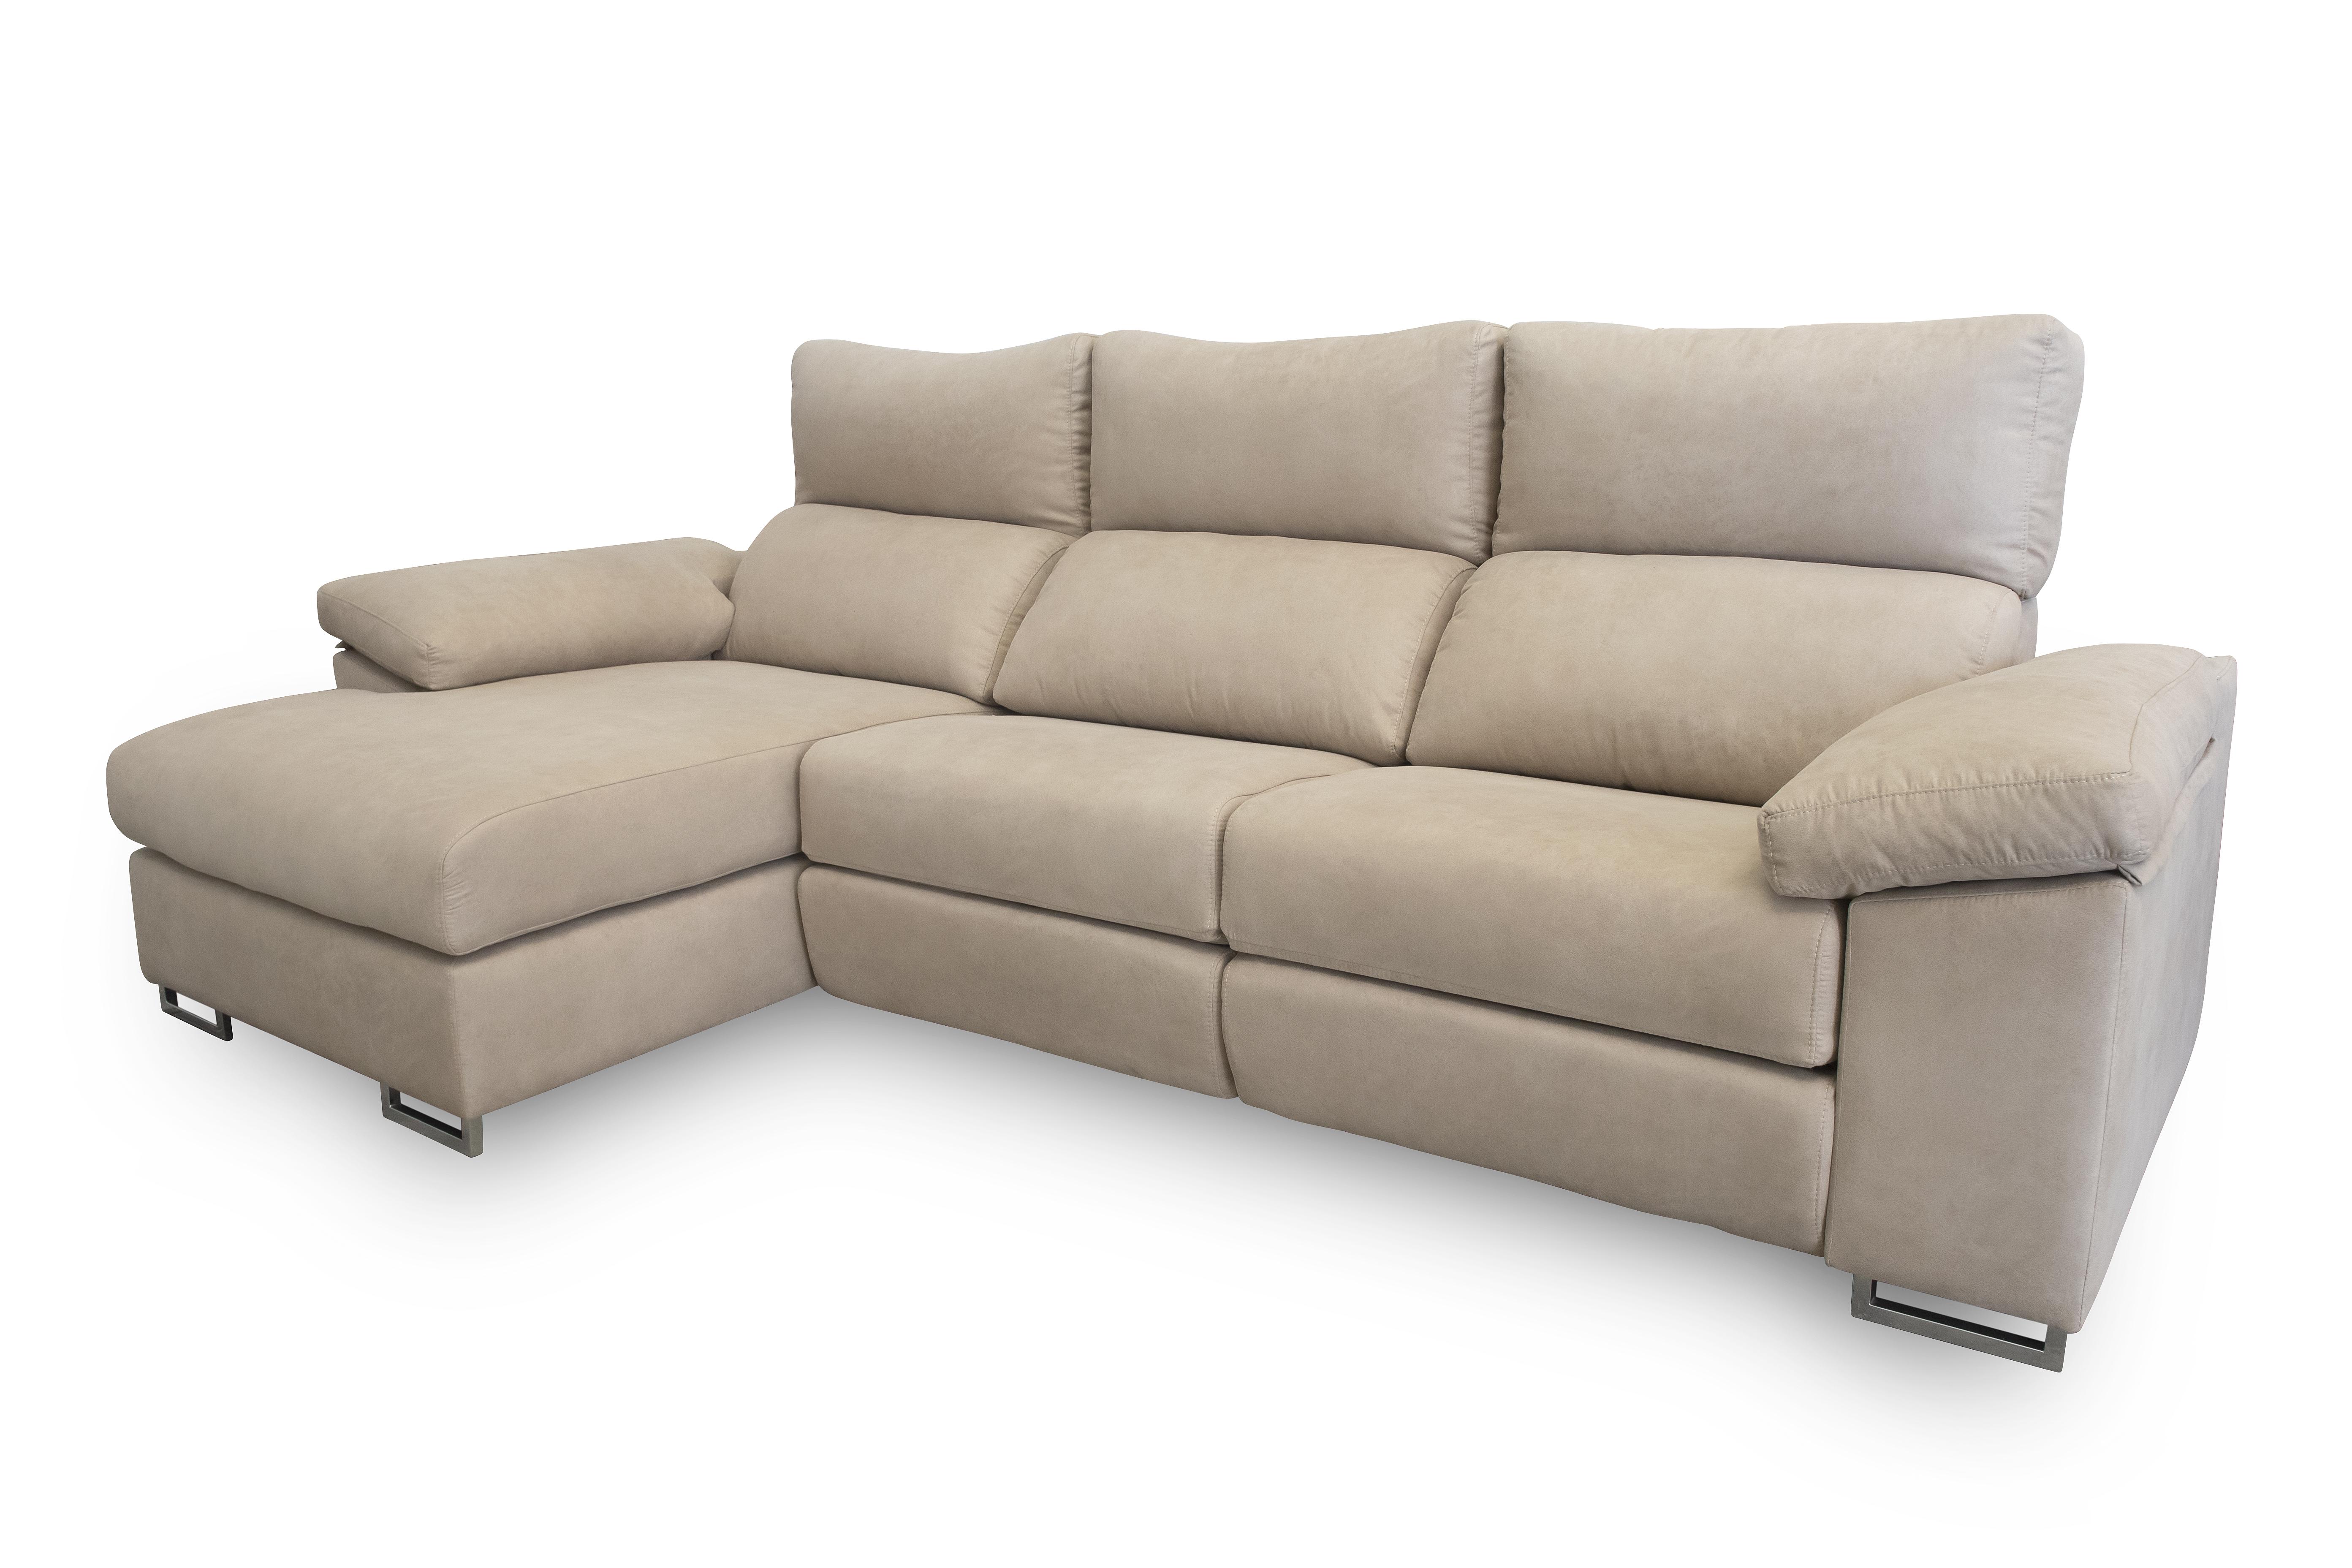 sofa-chaise-longue-modelo-ivan-1050e